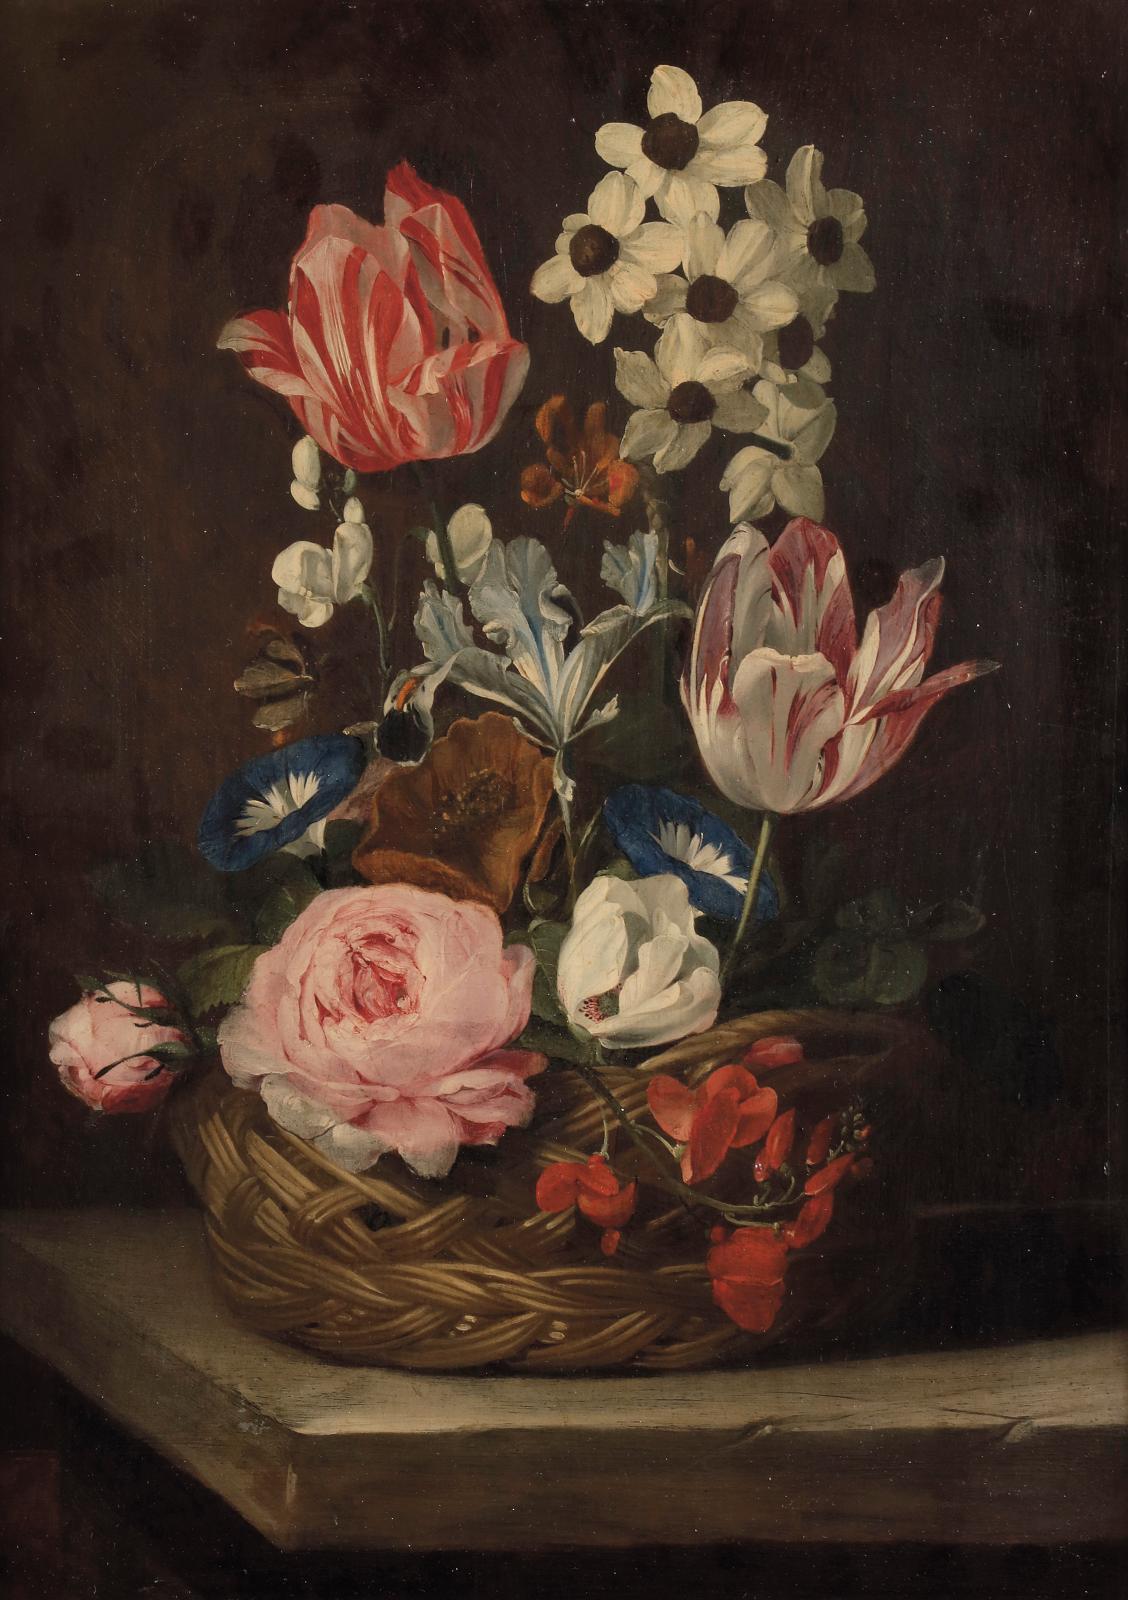 Jan van den Hecke (1620-1684), Panier de fleurs sur un entablement de pierre, 38,5x27cm. Estimation: 15000/20000€